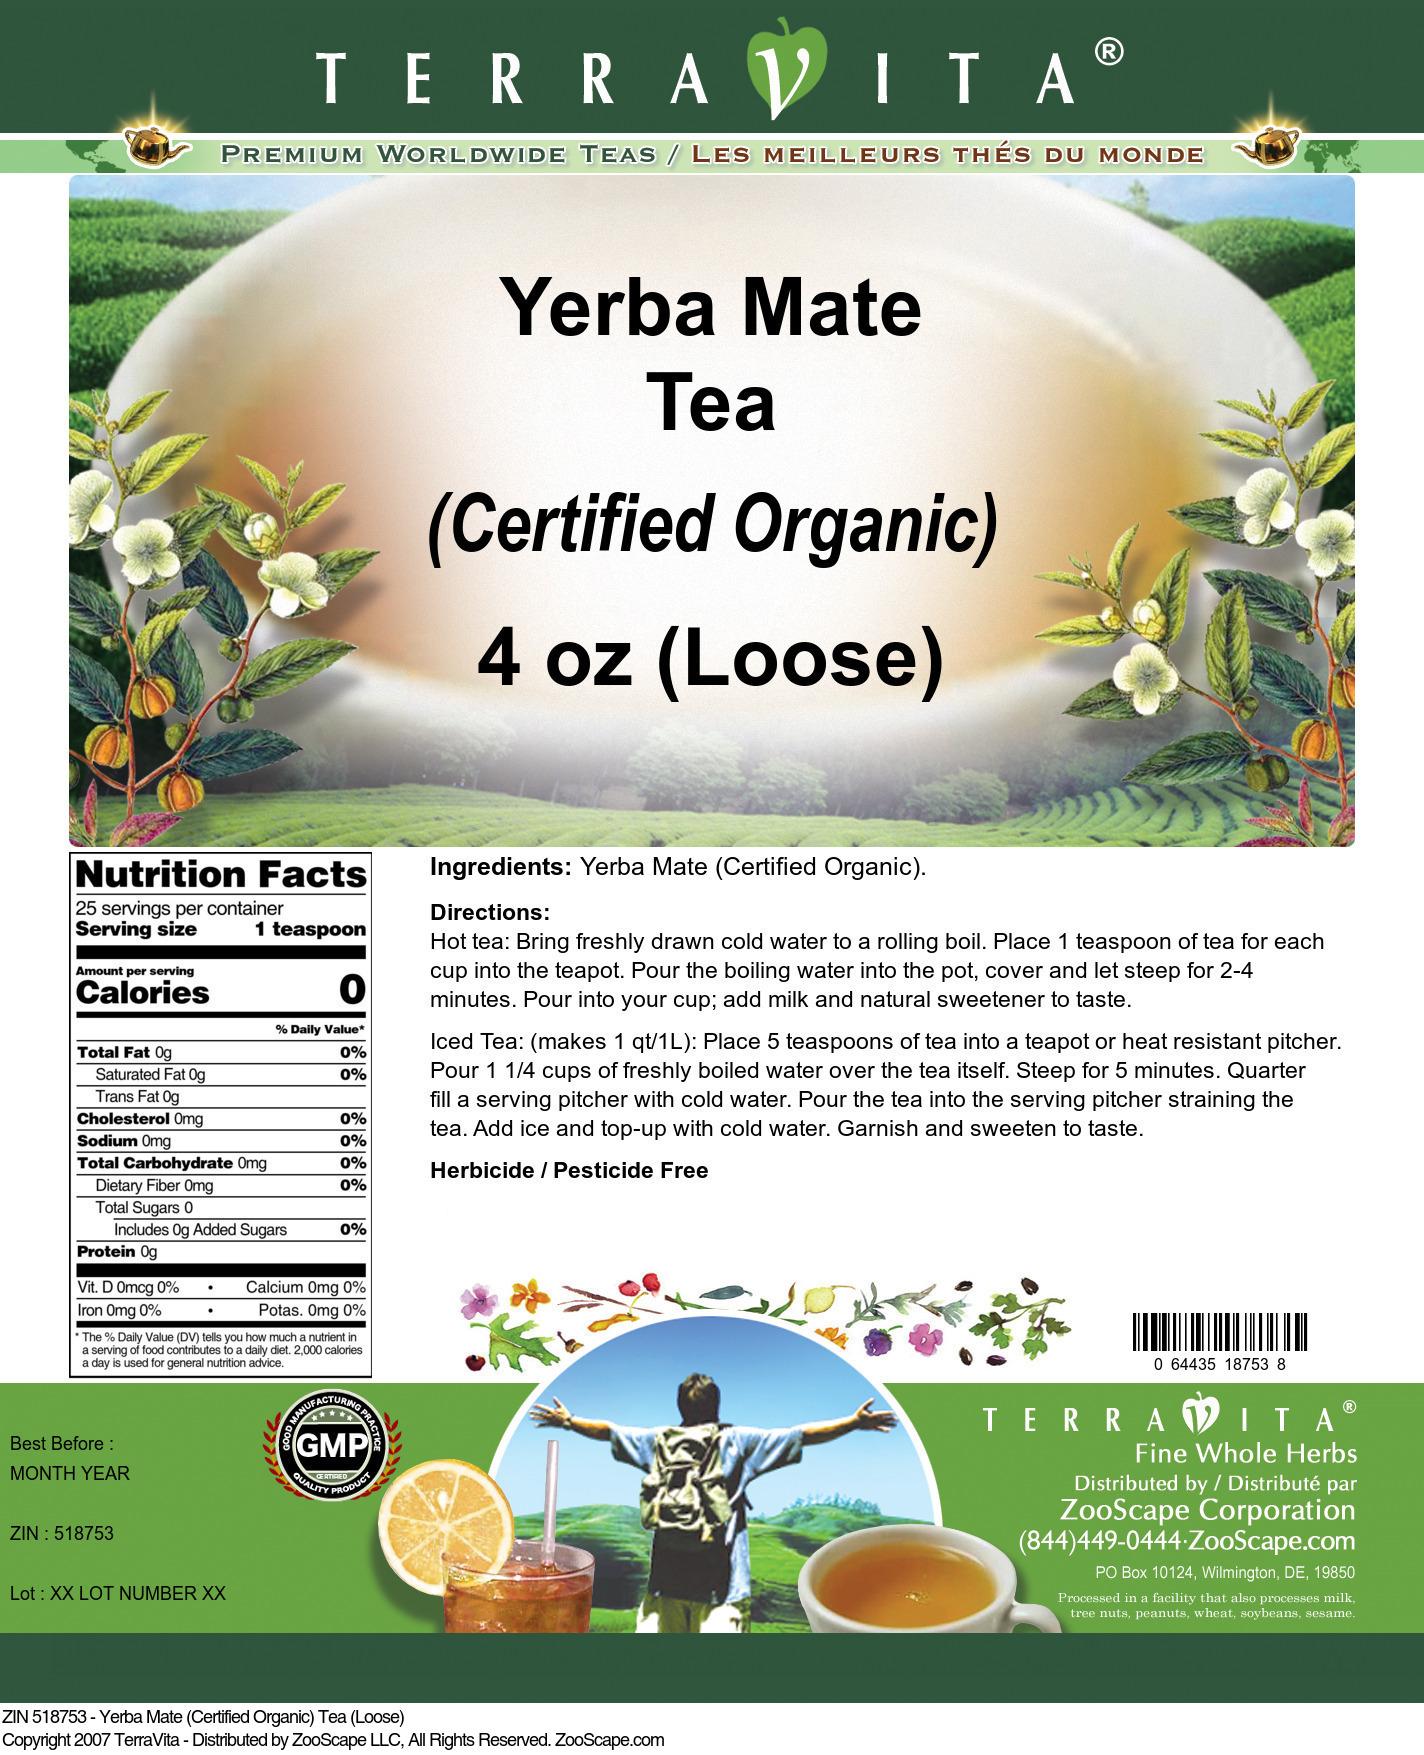 Yerba Mate (Certified Organic) Tea (Loose)